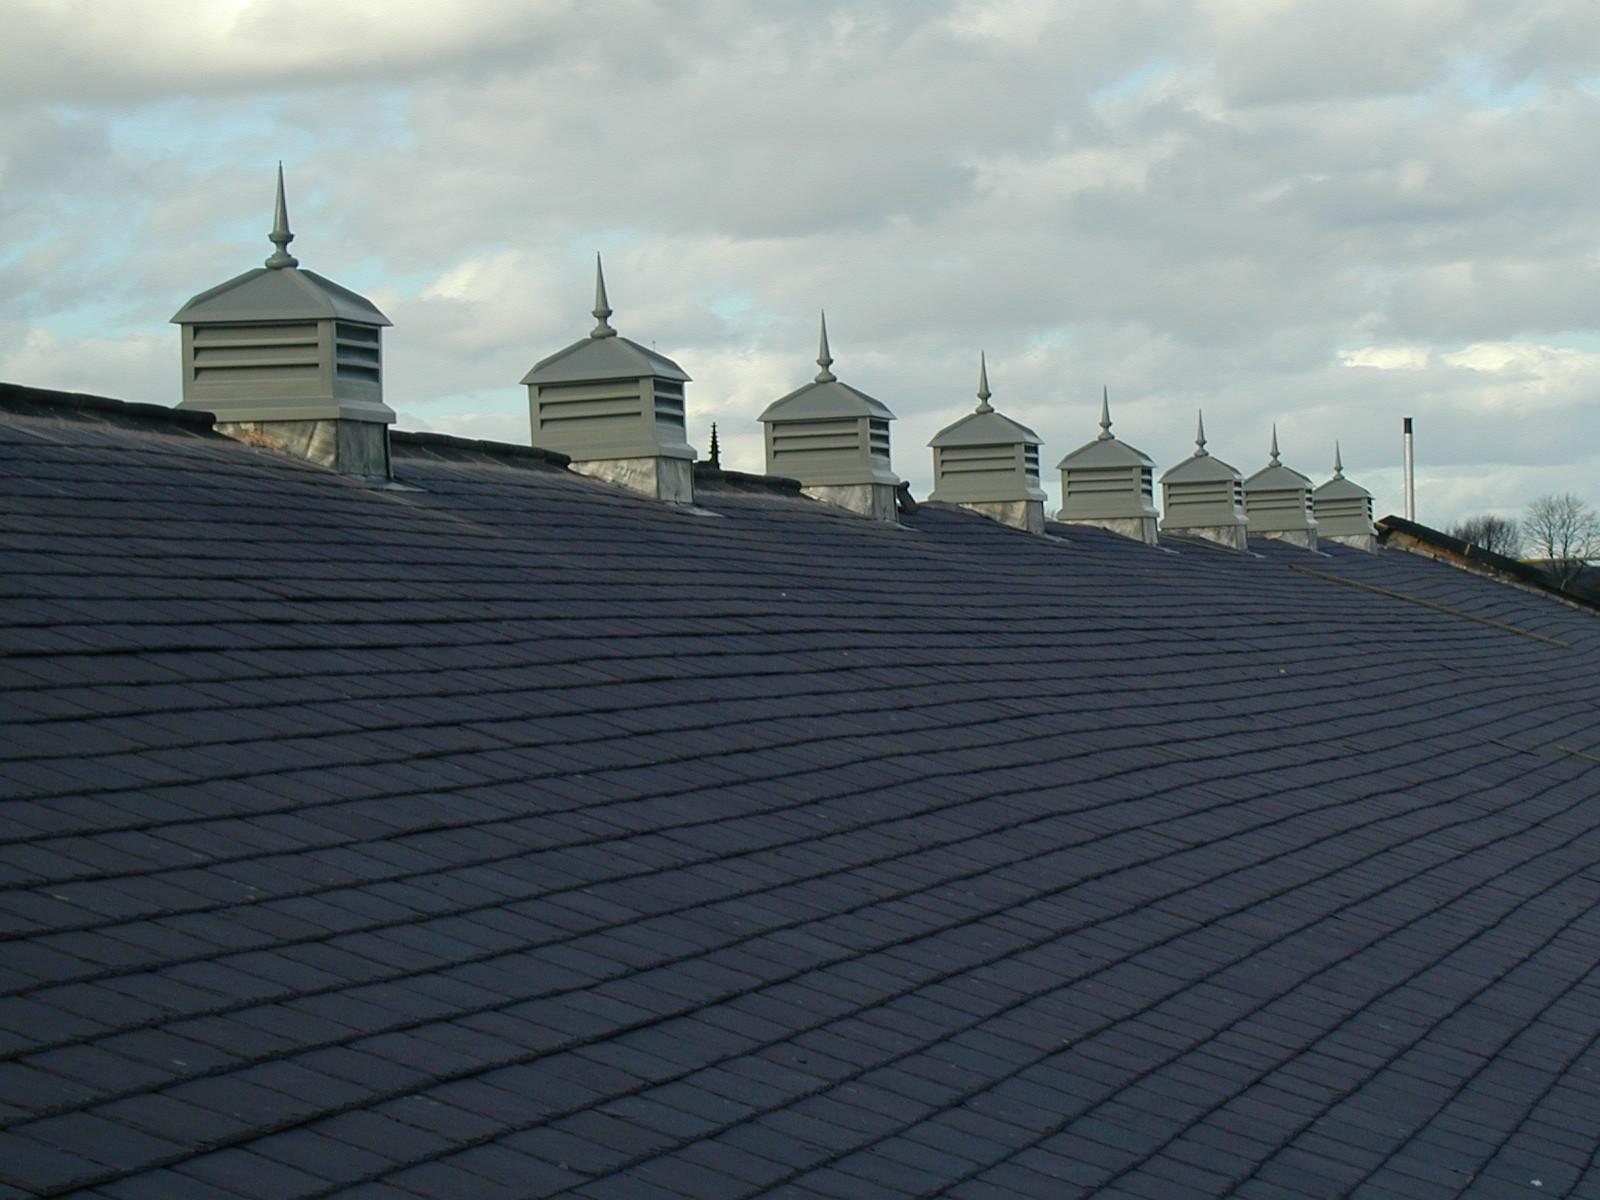 Roof Turrets